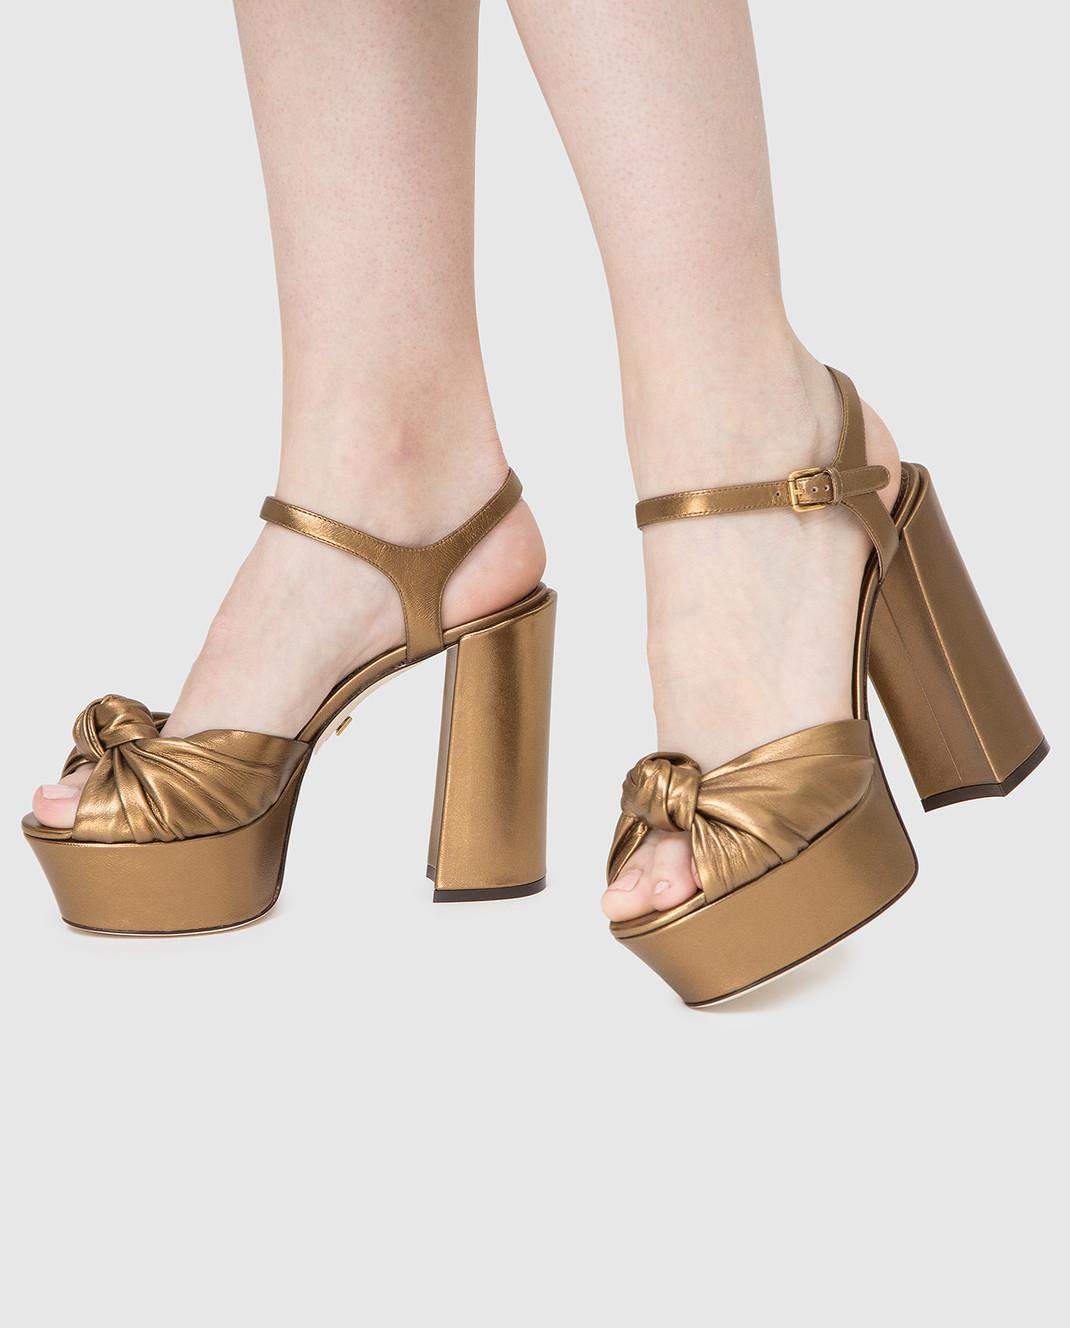 Dolce&Gabbana Золотистые кожаные босоножки CR0695A1016 изображение 2